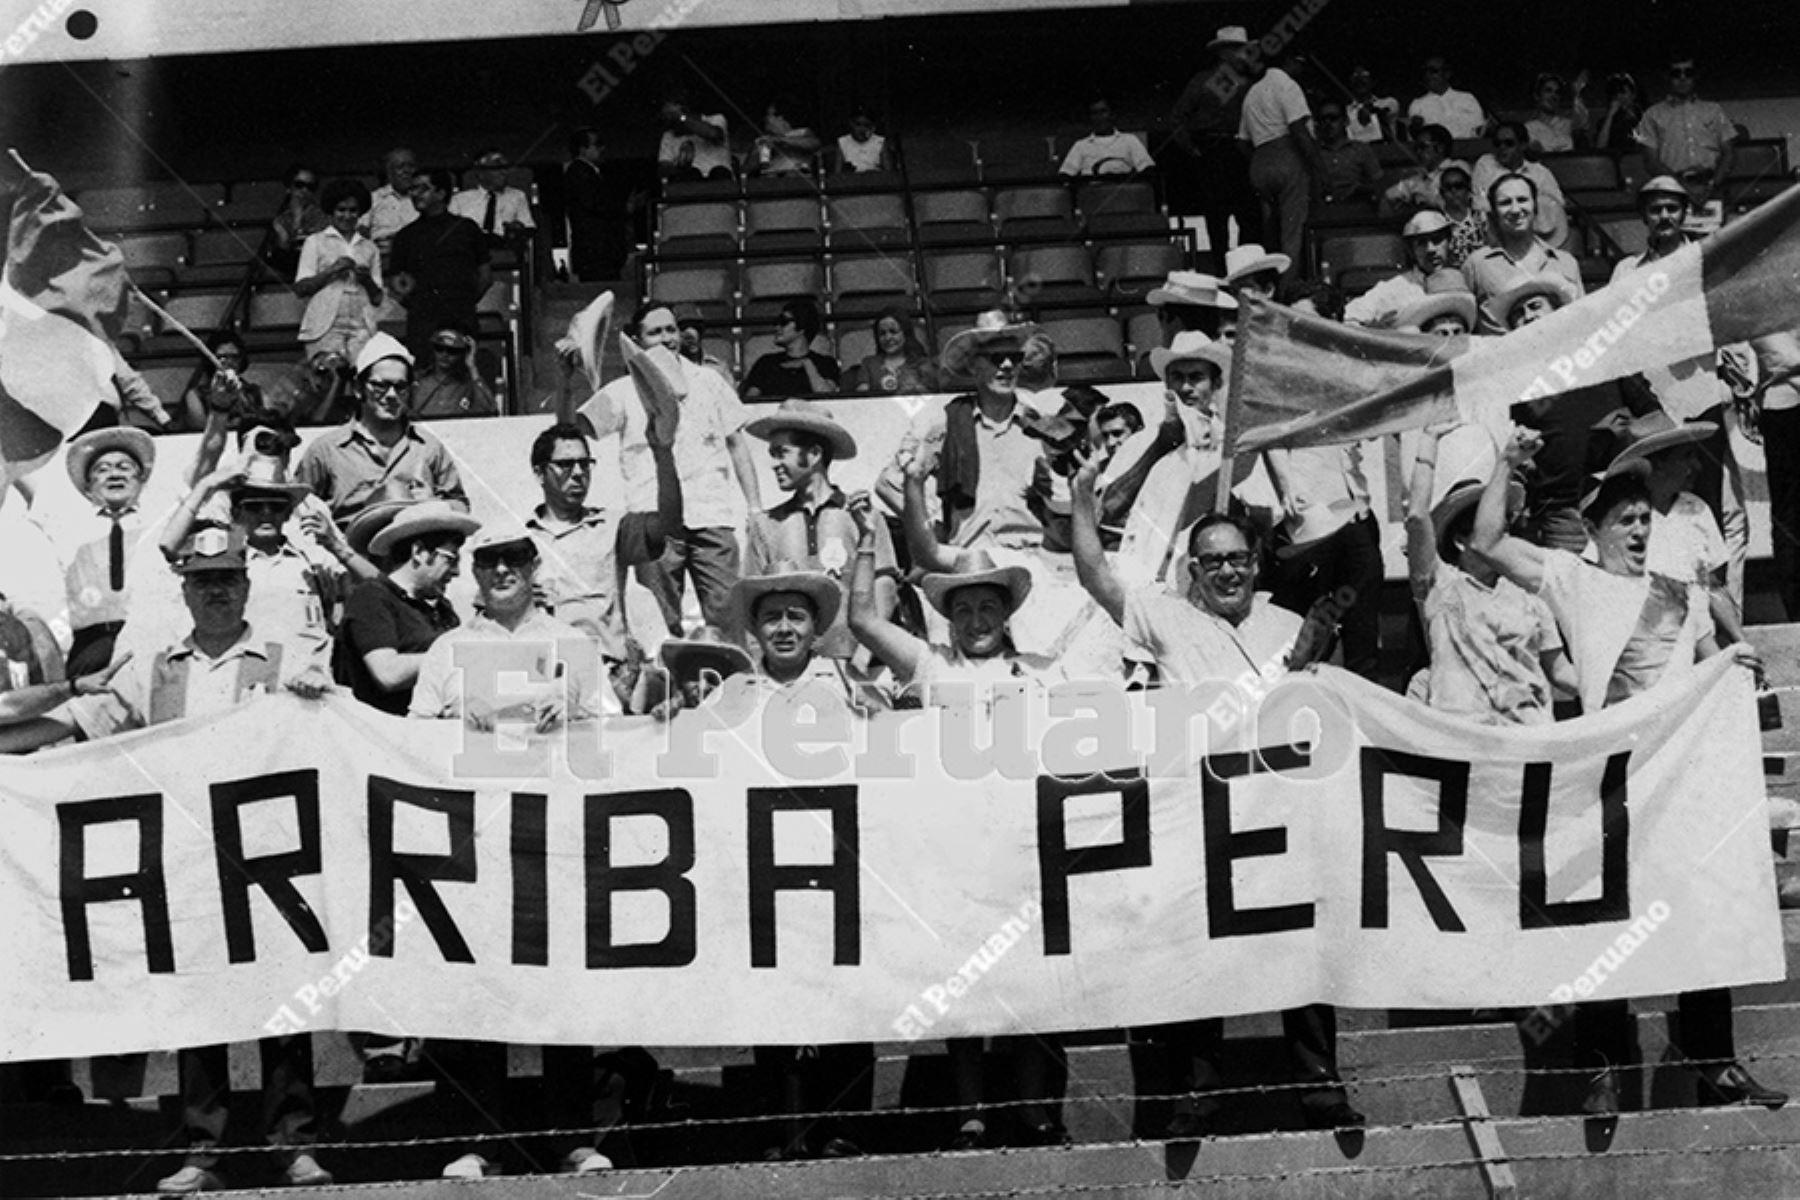 León, México - 2 junio 1970 / Hinchas peruanos que en todo momento alentaron al seleccionado nacional en su triunfo 3 a 2 sobre Bulgaria.  Foto Archivo Histórico de El Peruano / Luis Flores